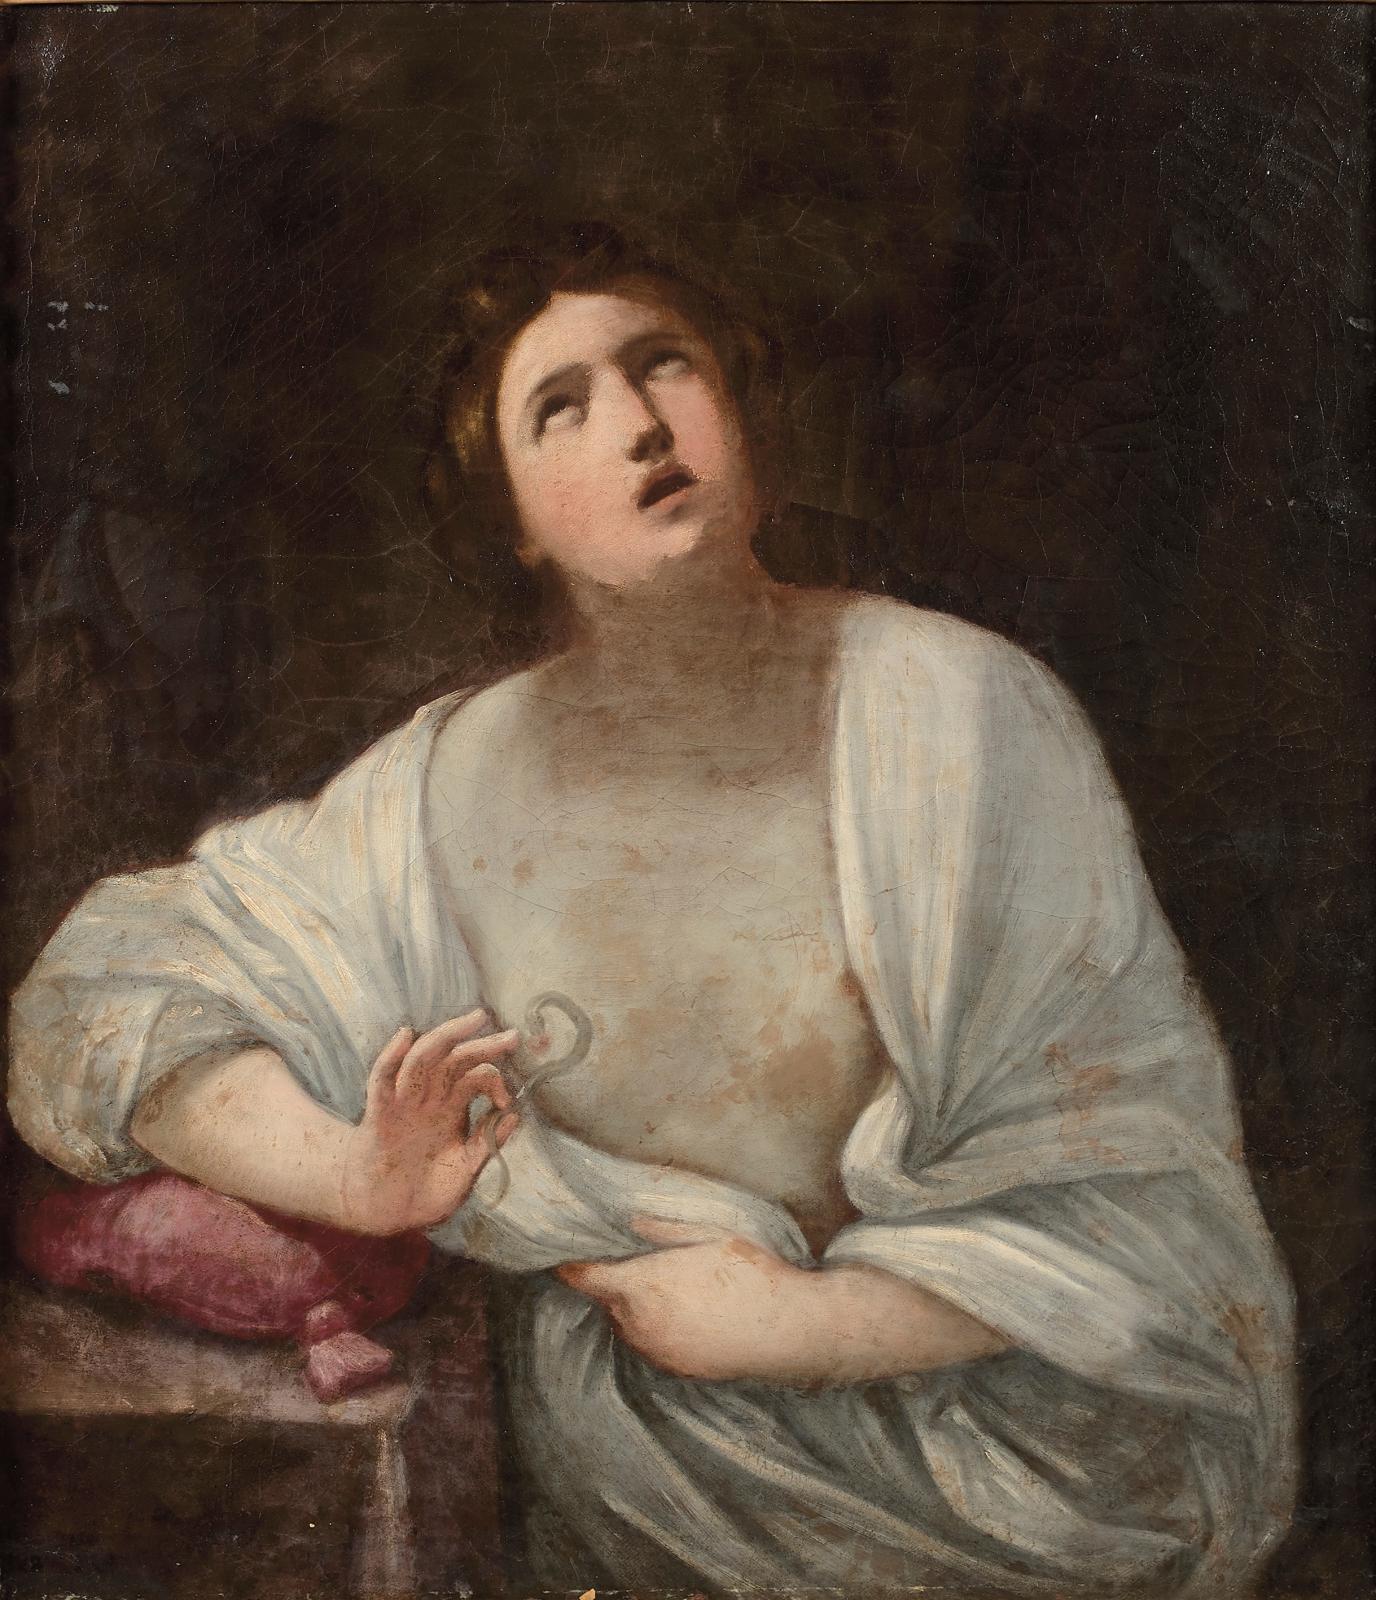 Guido Reni (1575-1642), La Mort de Cléopâtre, huile sur toile, 99x88,5cm. Adjugé: 118940€